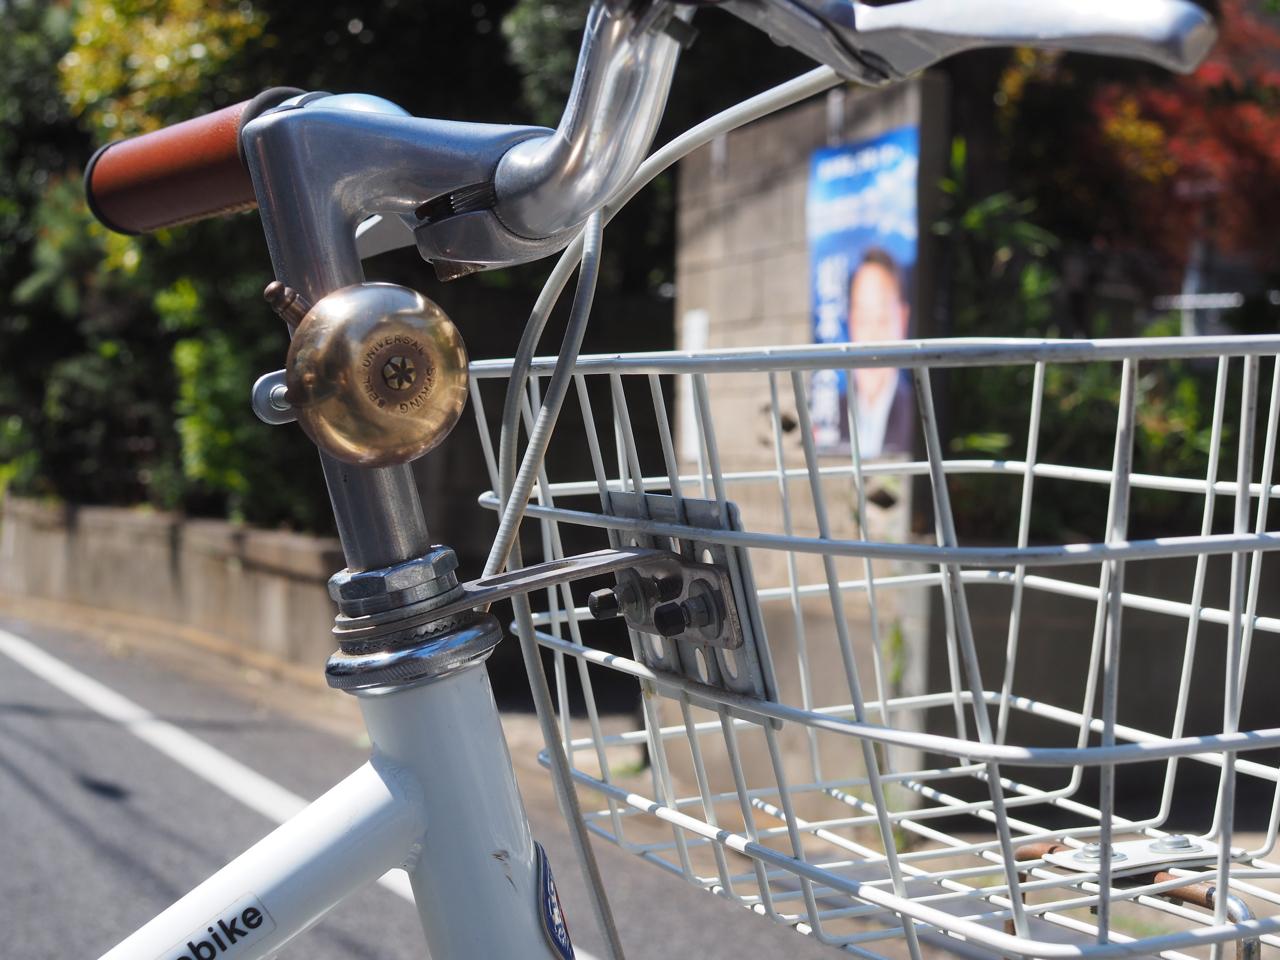 トーキョーバイク,tokyobike,guppy,polisport,ポリスポート